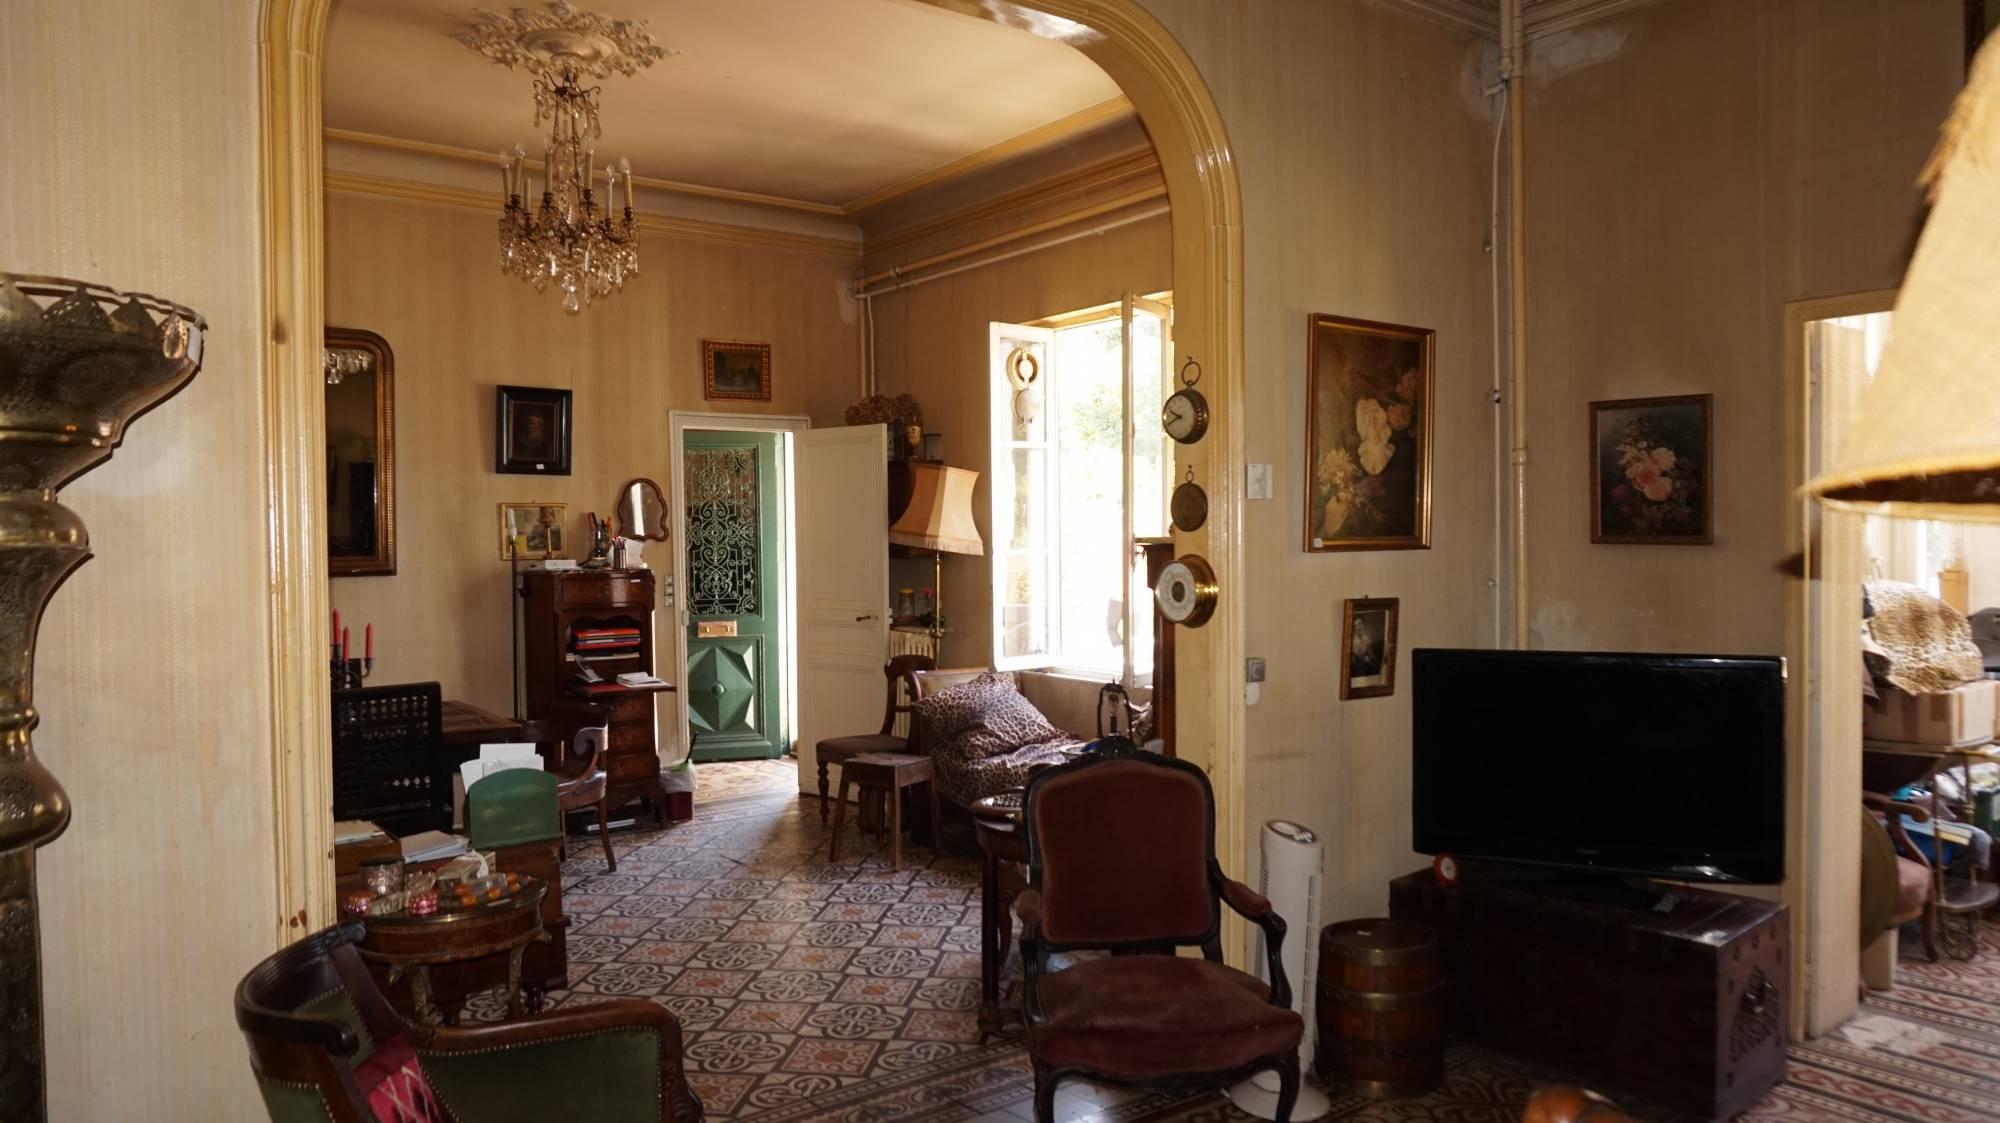 Ancienne propriété marseillaise de 150 m² à vendre à Montolivet 13012 Marseille